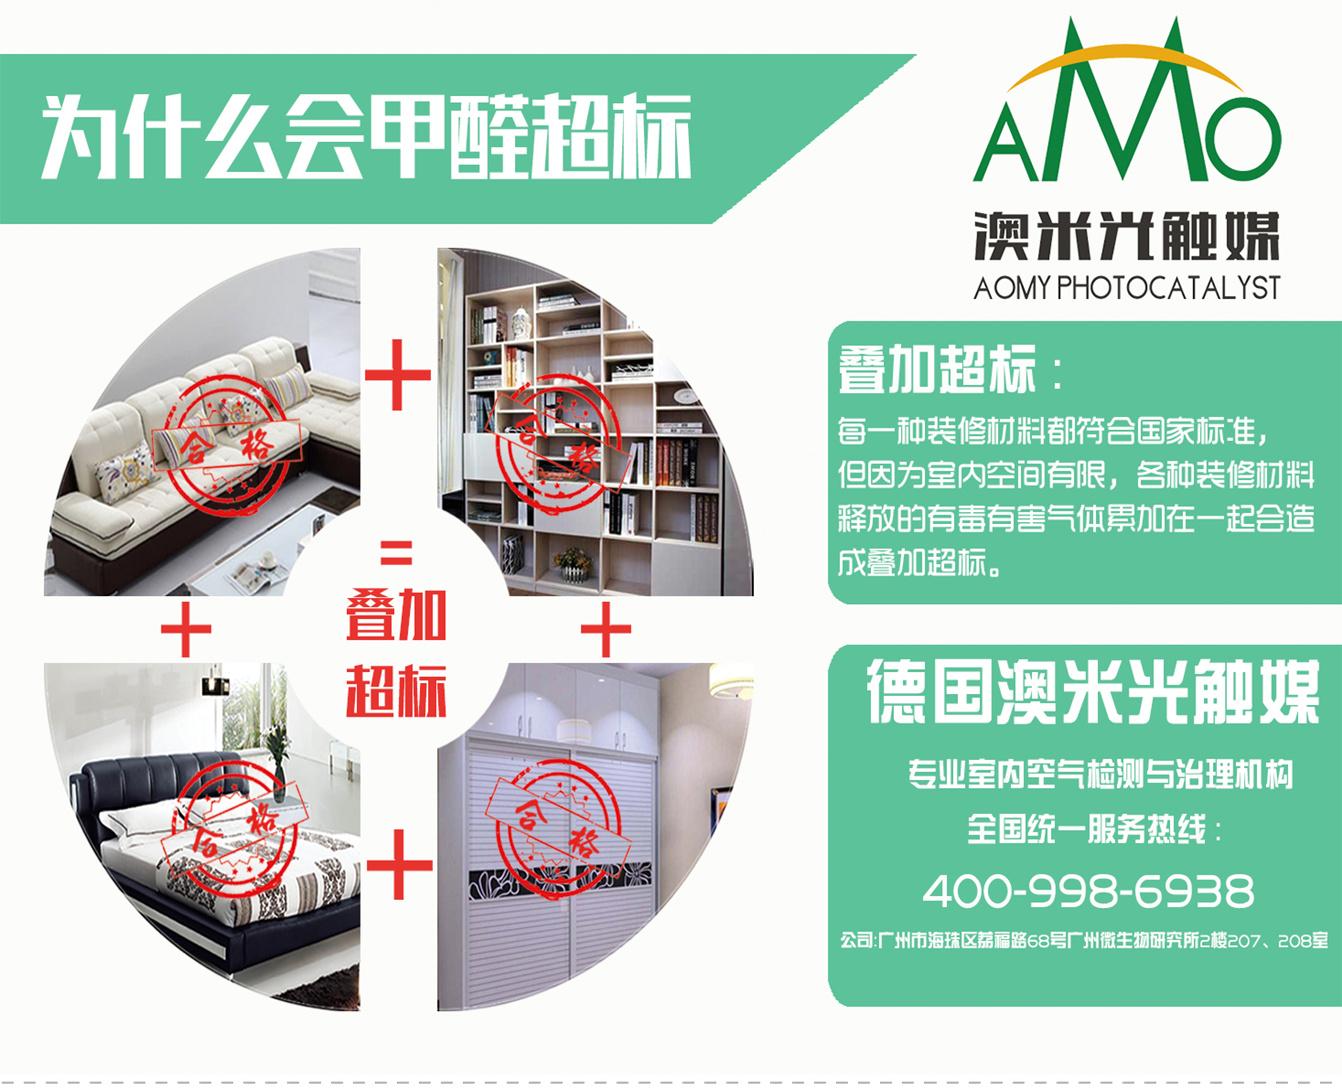 光触媒加盟_国家支持广州除甲醛加盟,2018火爆室内环保项目-光触媒甲醛治理加盟招